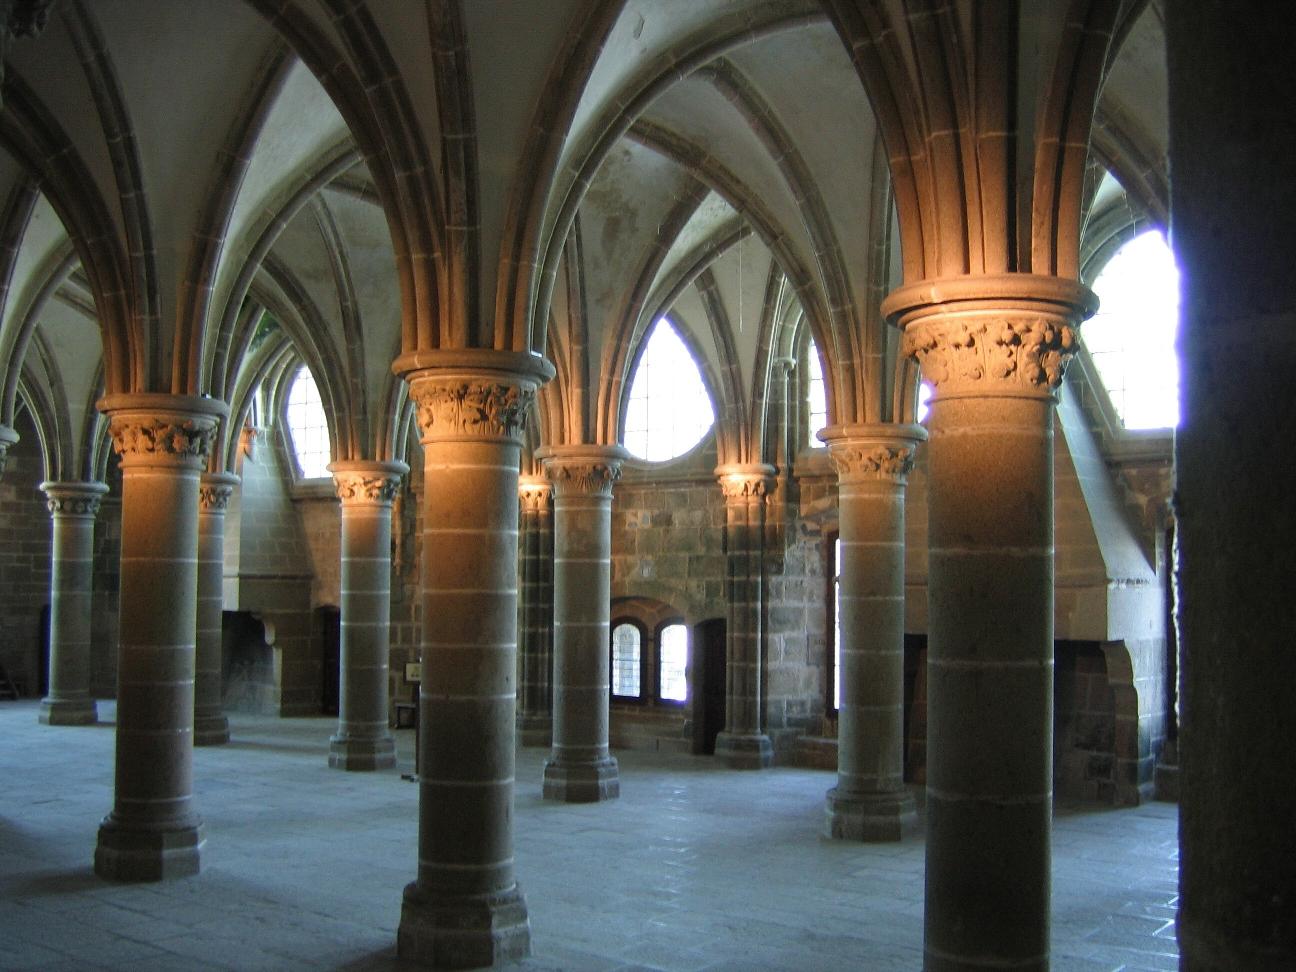 http://www.mafamillezen.com/wp-content/uploads/2010/05/2008-Le-Mont-Saint-Michel_Abbaye-salle-des-chevaliersCentre-des-monuments-nationaux.jpg